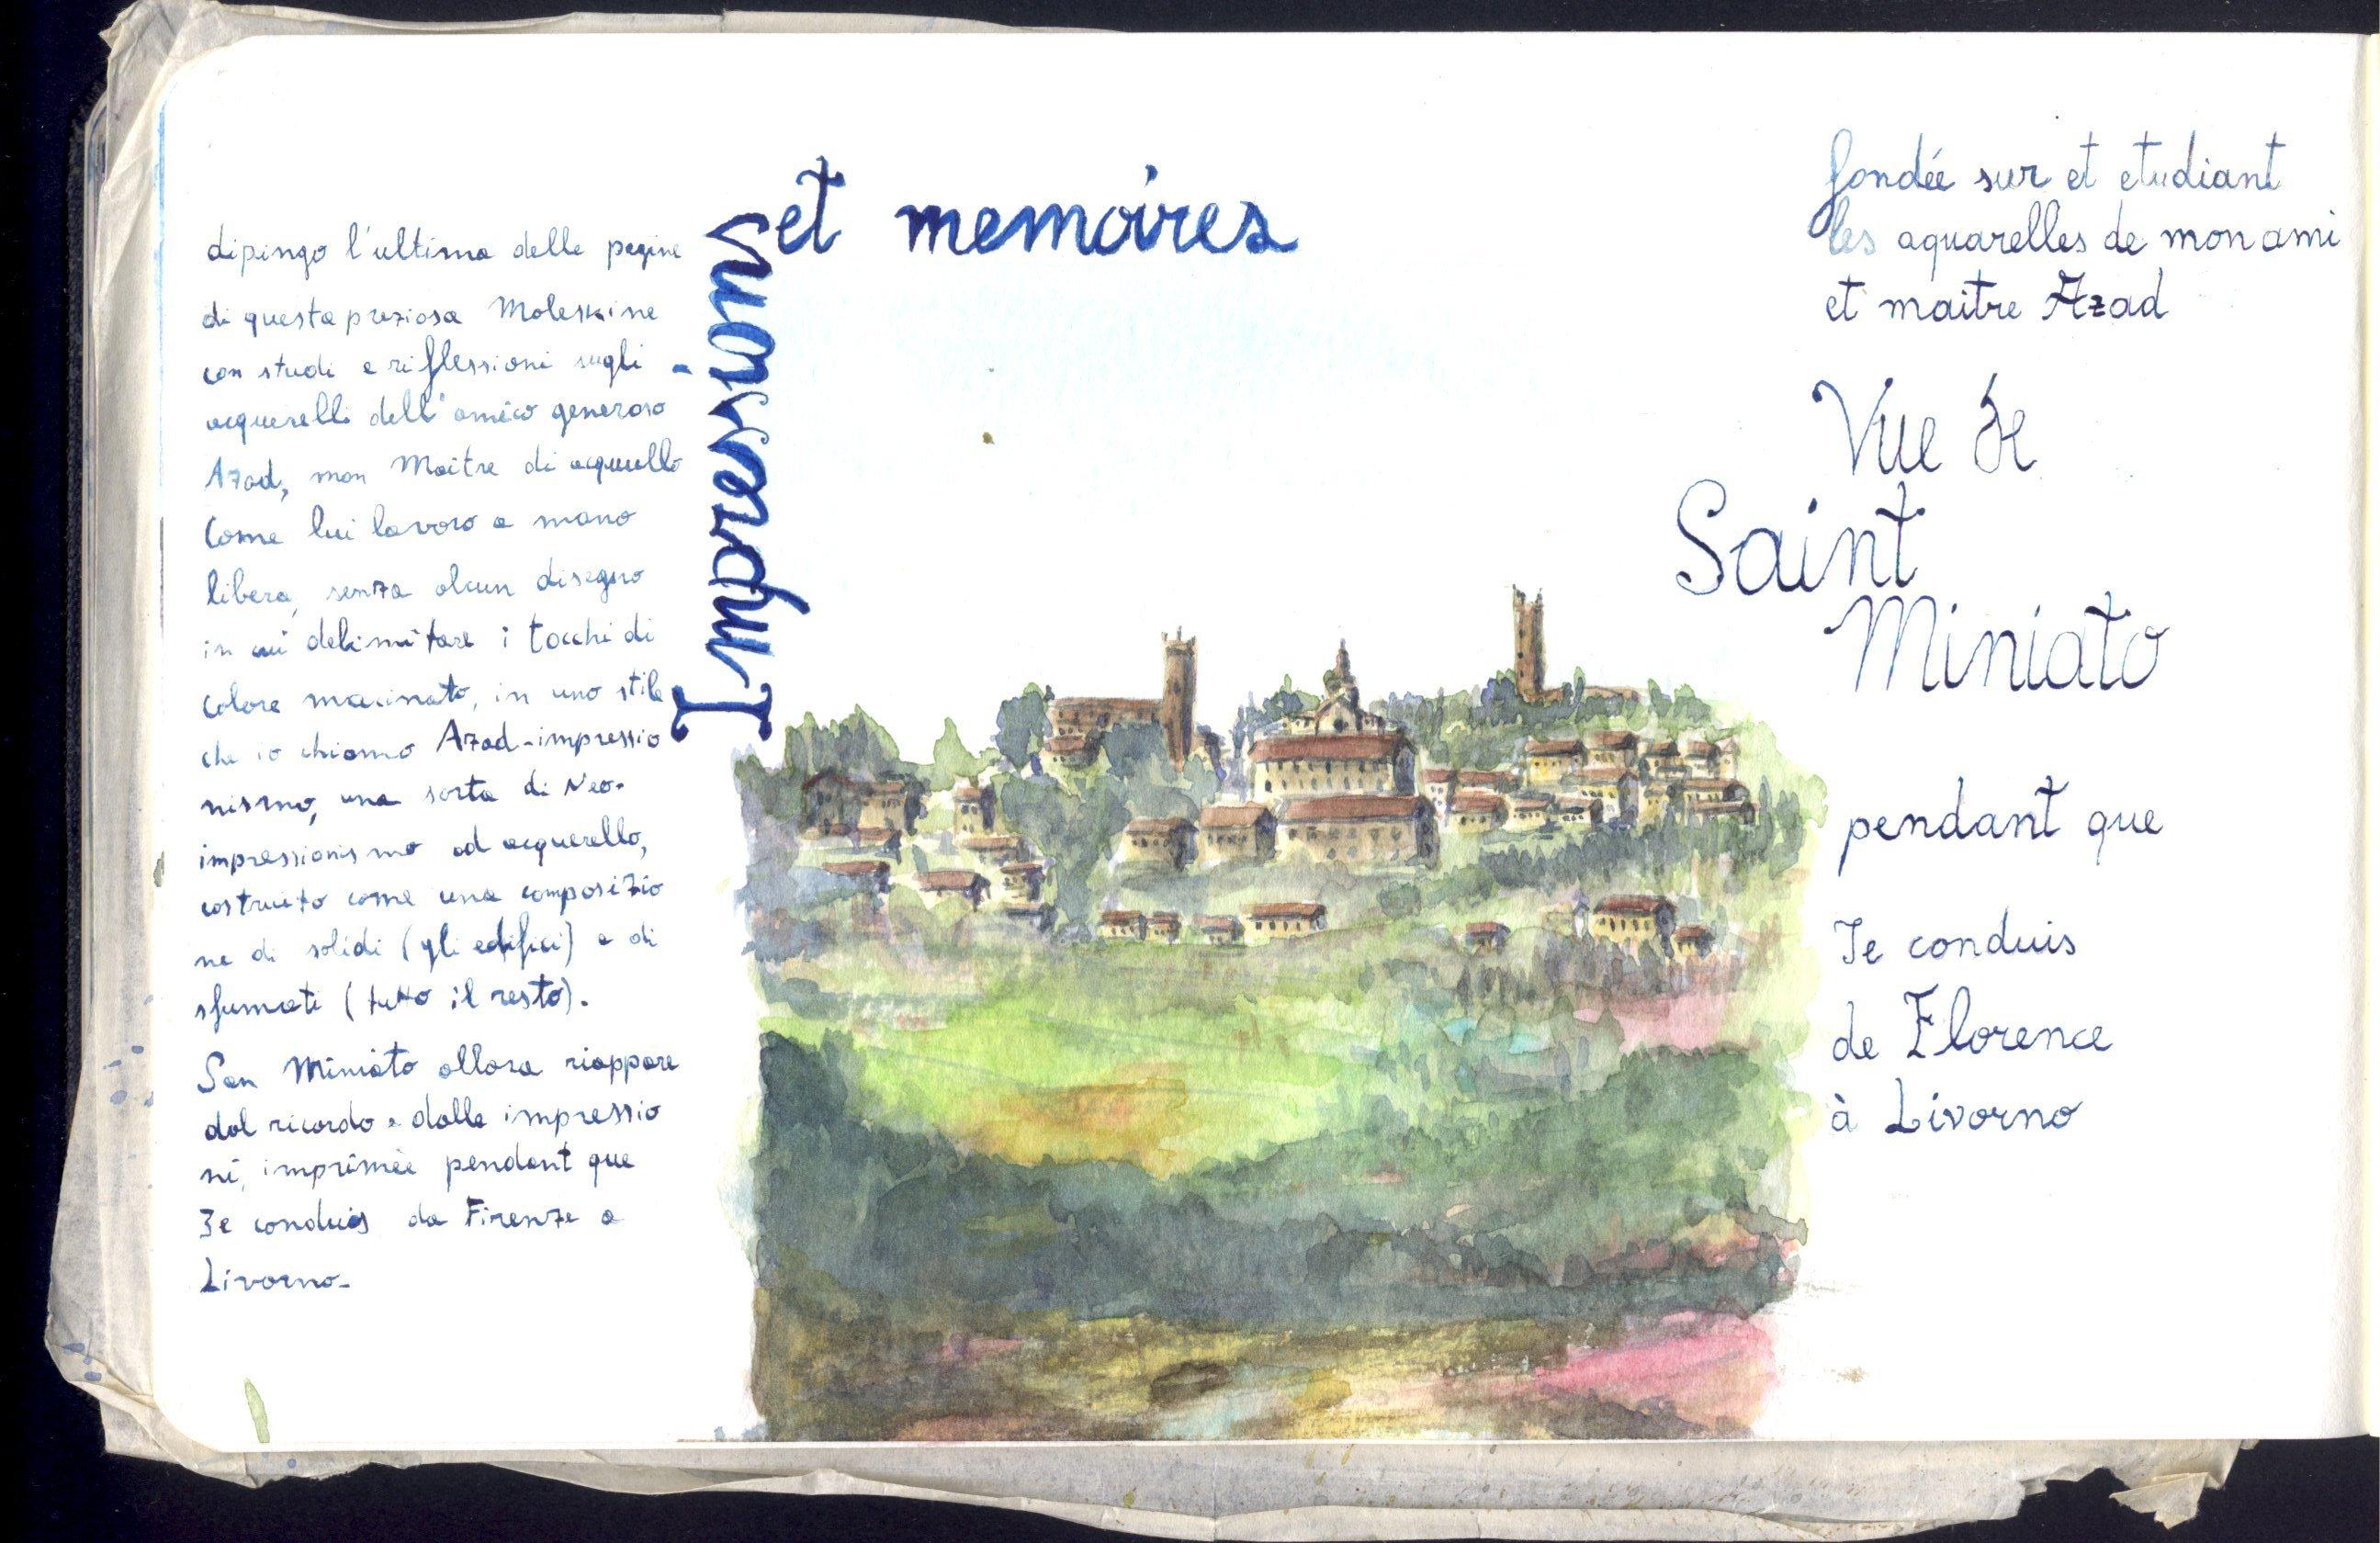 Impressions et memoires: vue de Saint Miniato pendant que Je conduis de Florence à Livorno